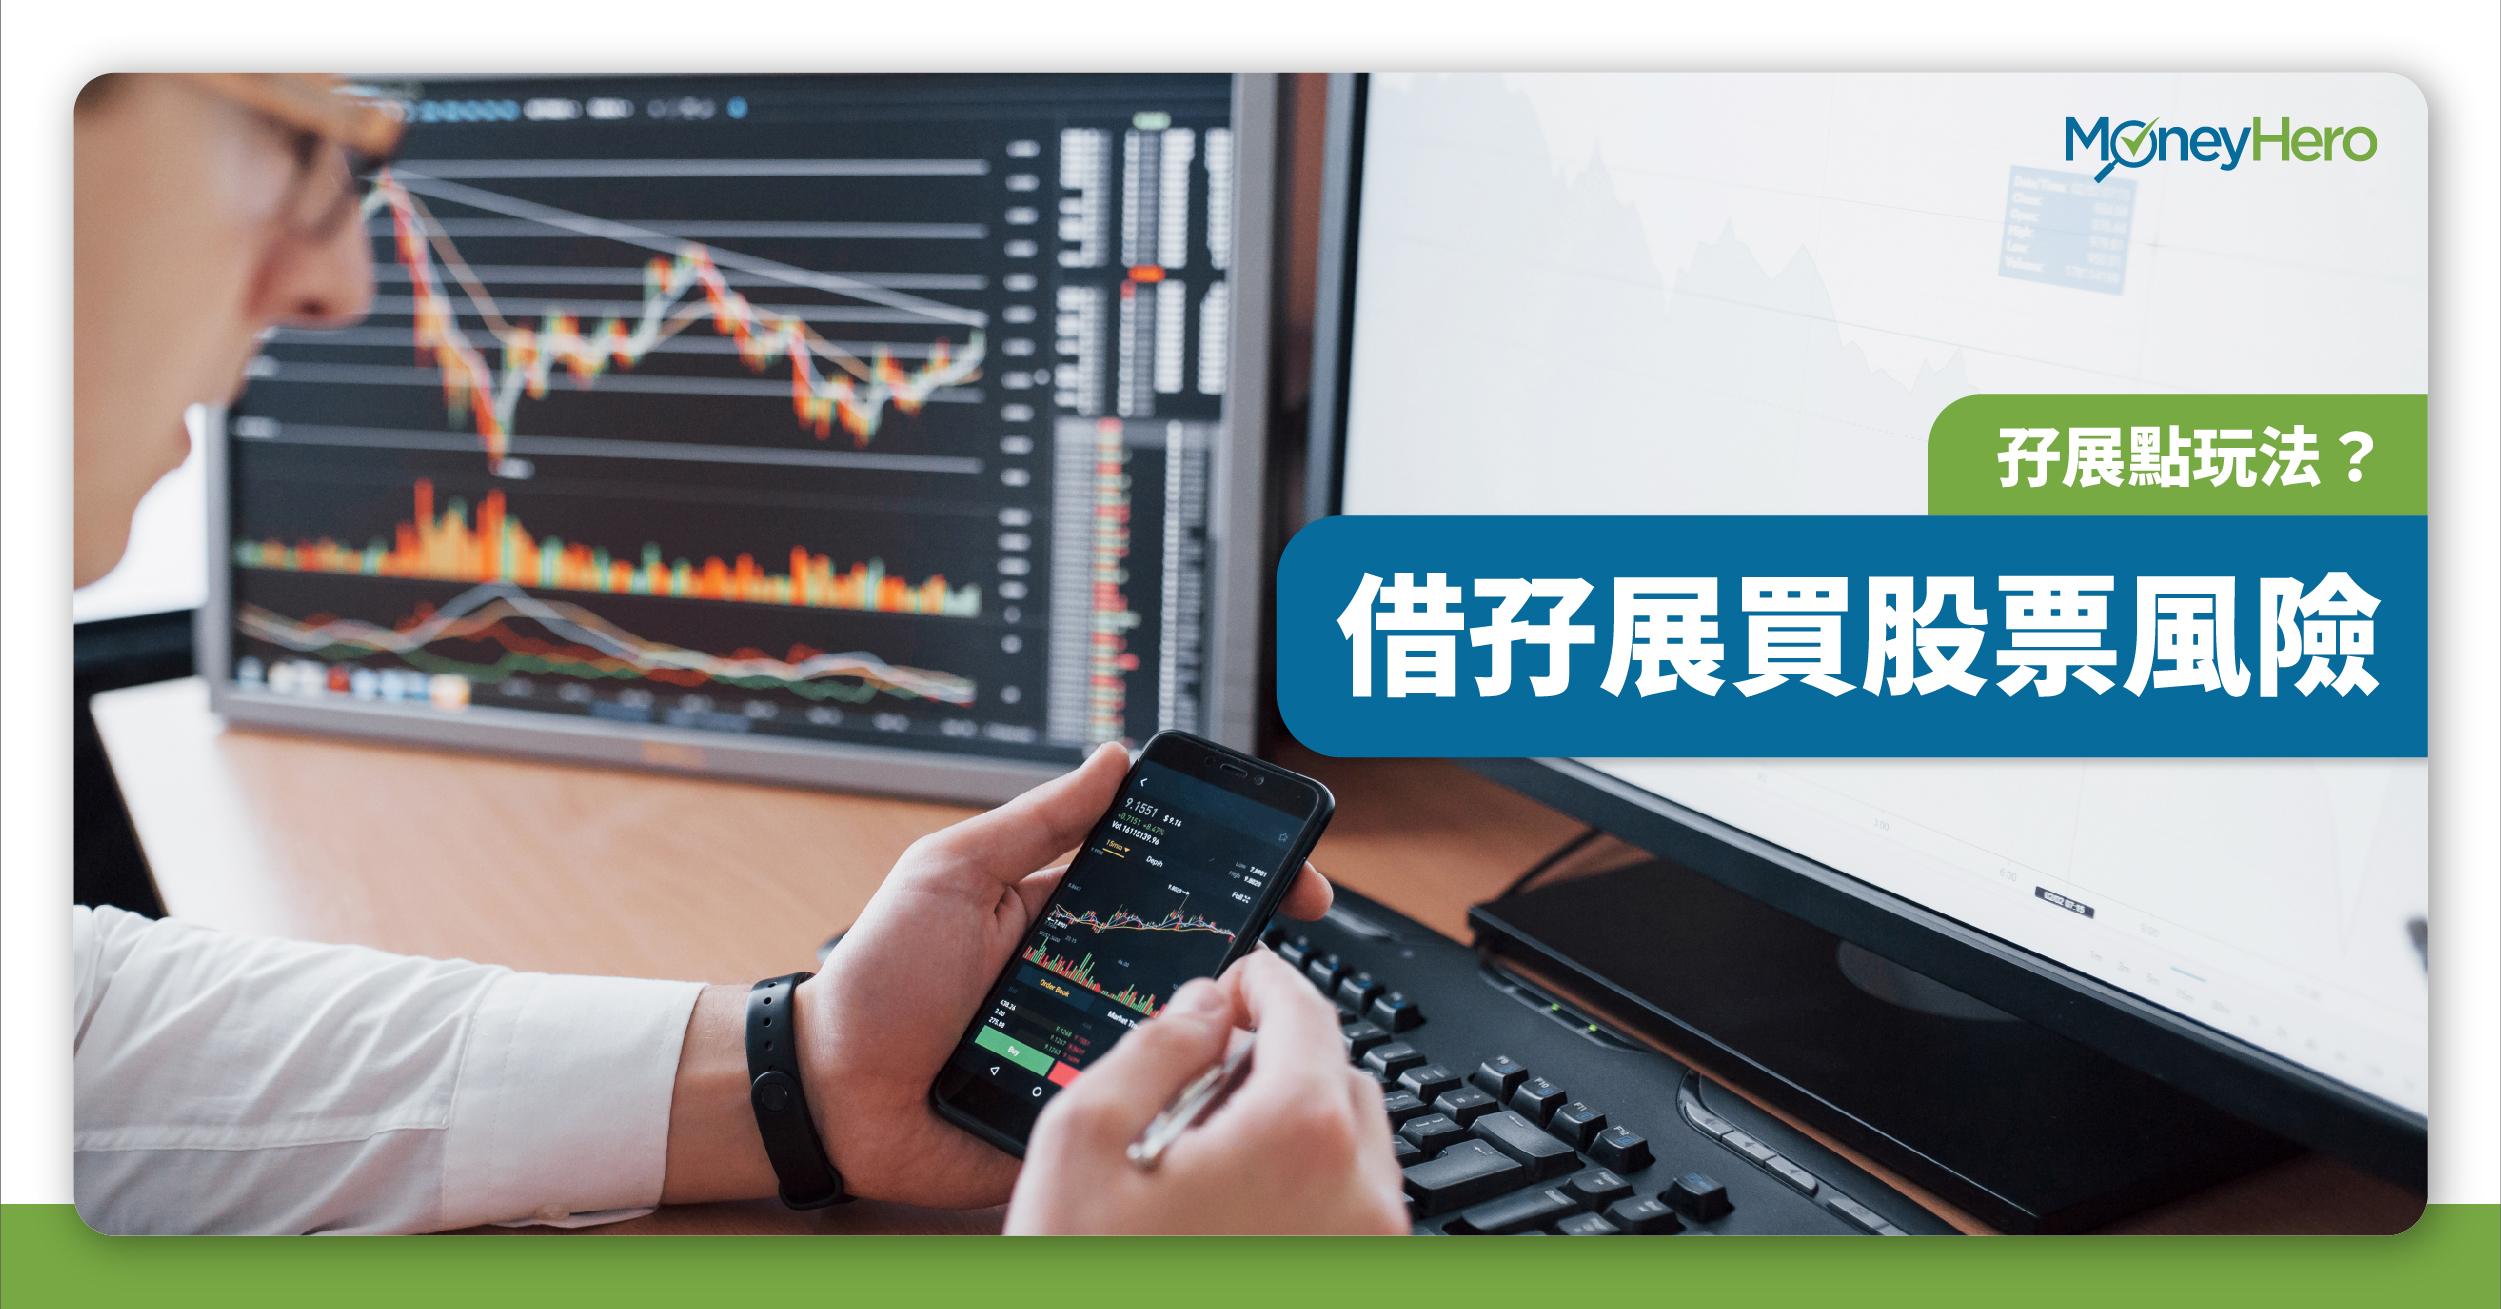 孖展-借孖展買股票-策略-風險